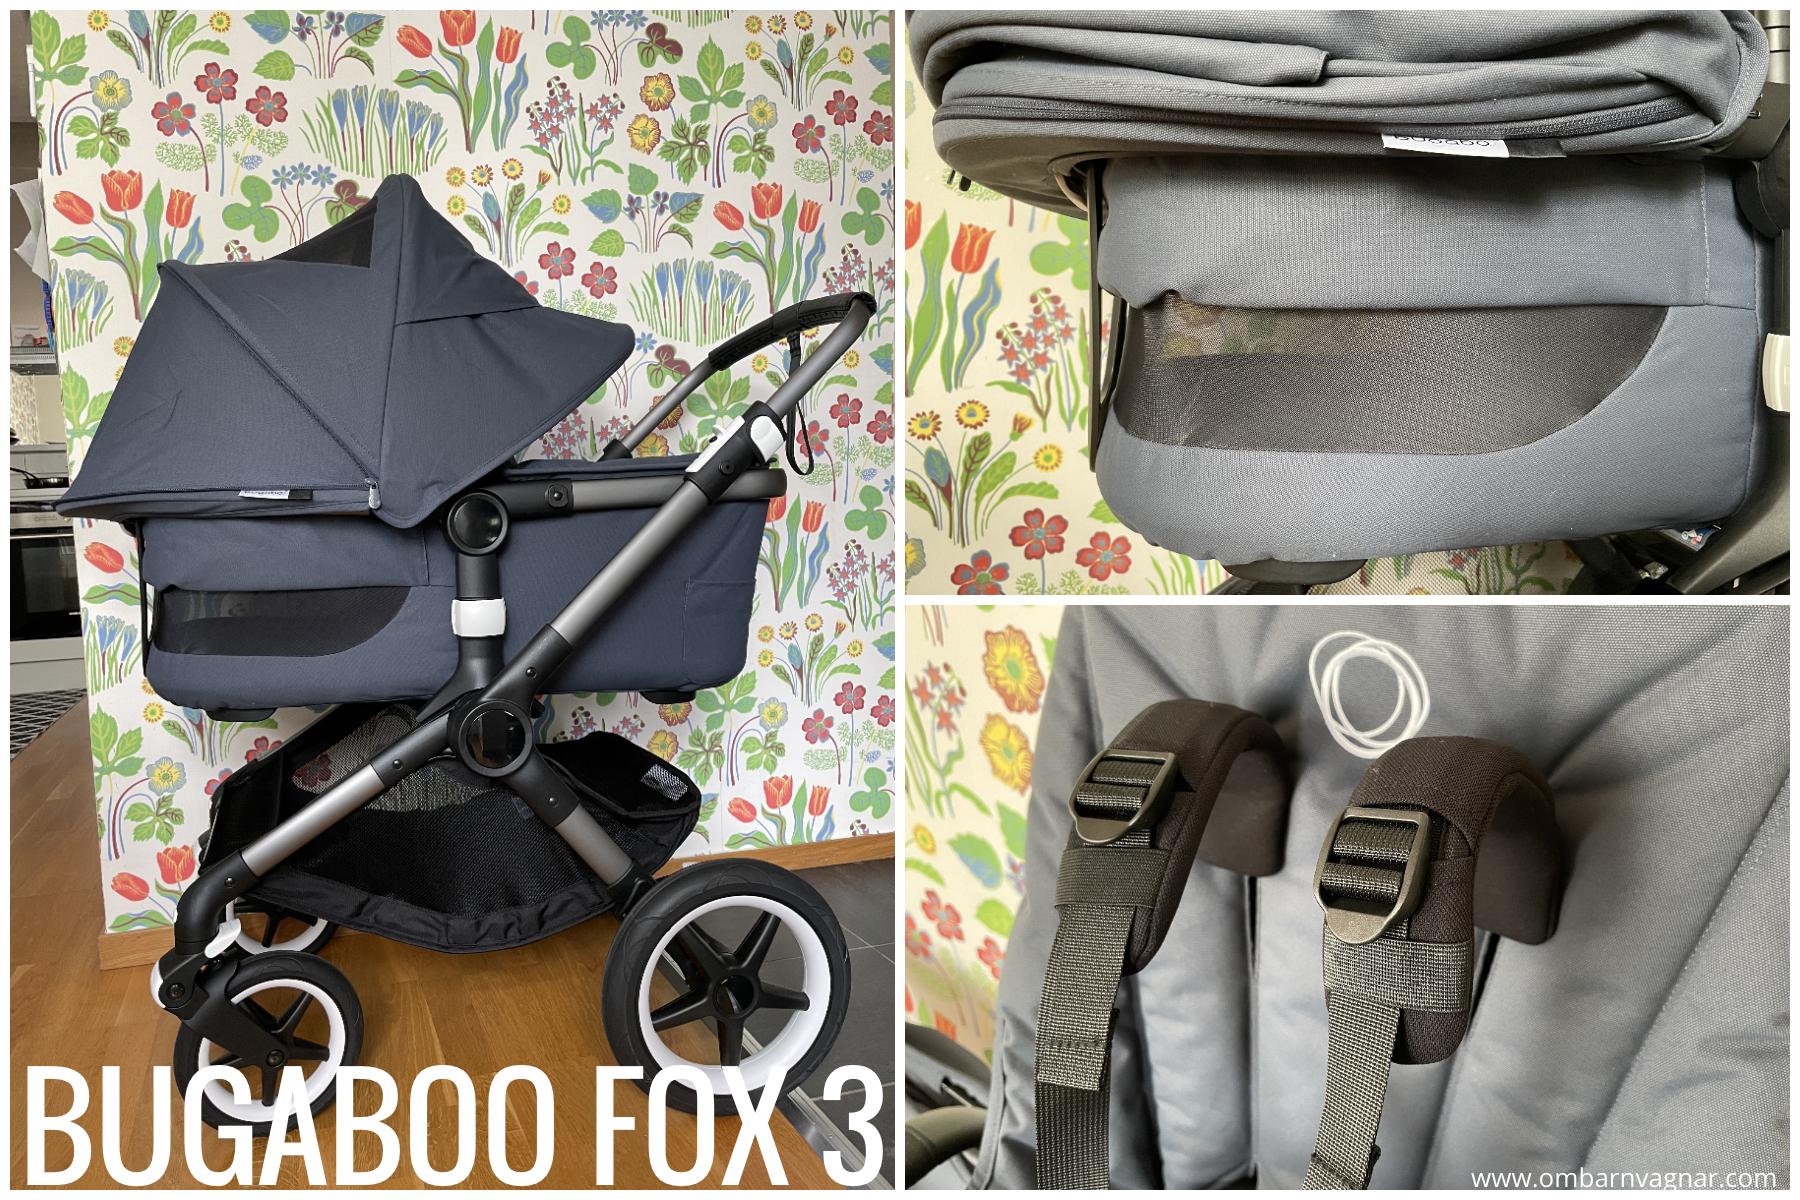 Recension av Bugaboo Fox 3